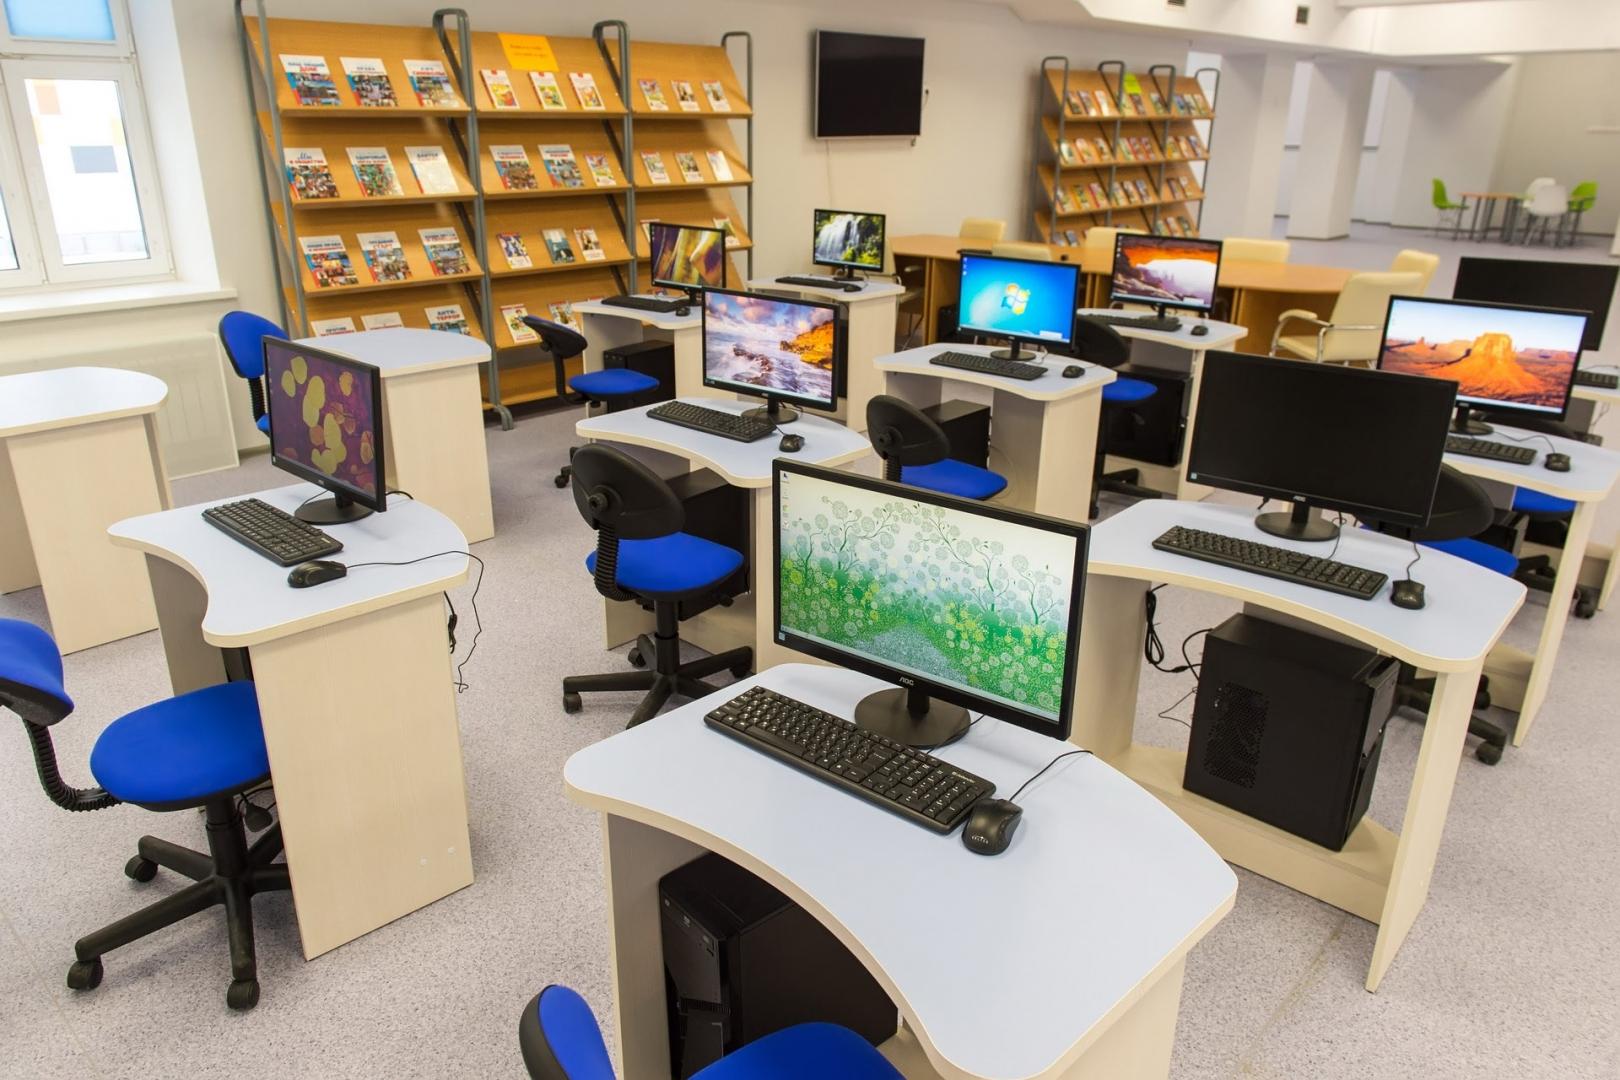 рабочий стол для компьютера картинки класса шаблоны для начинающих